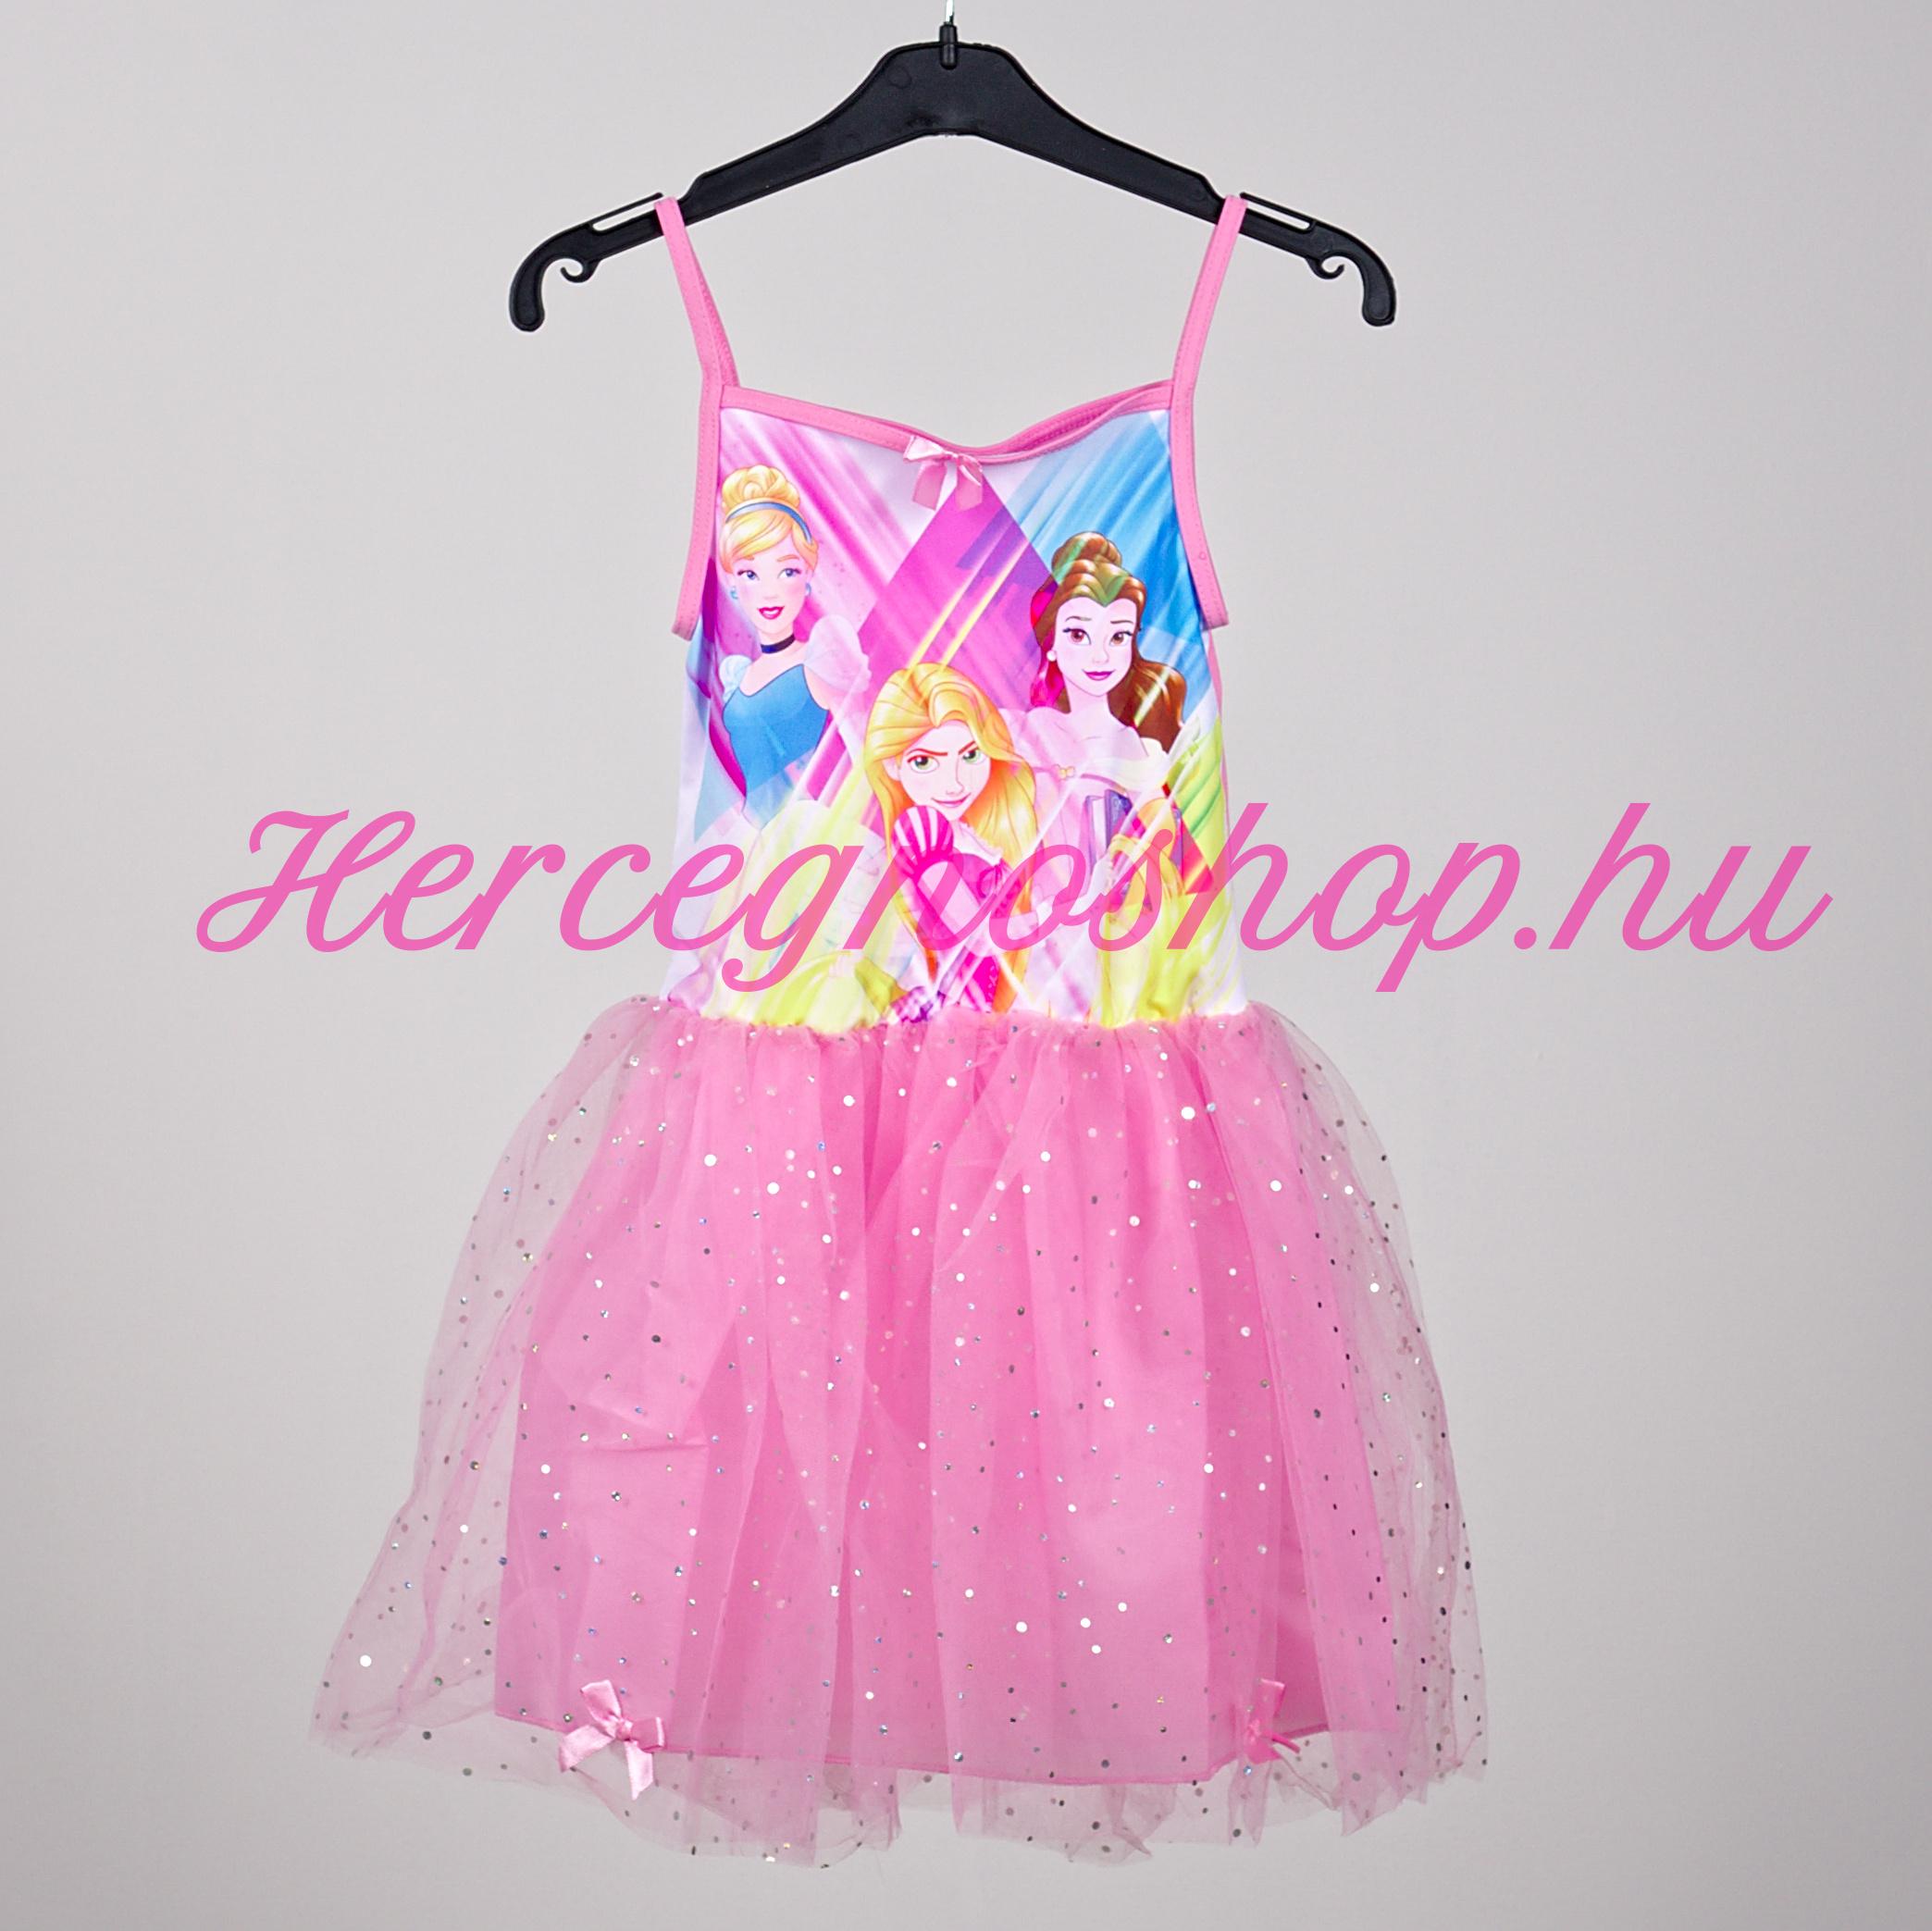 Disney hercegnők party ruha – rózsaszín (Disney Princess)